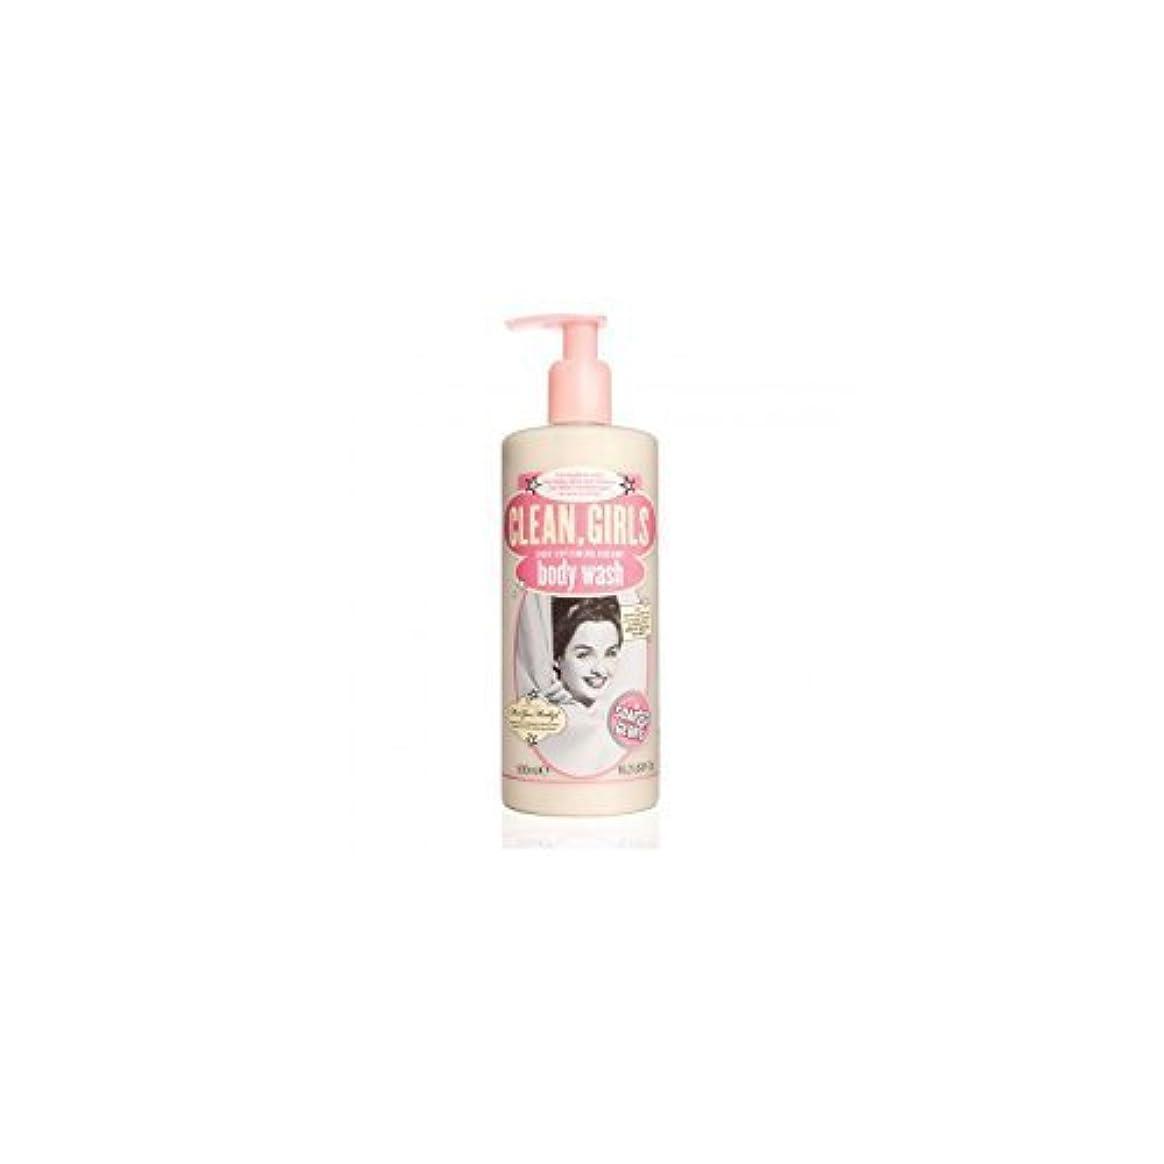 リビングルーム大声でふりをするSoap & Glory Clean Girls Body Wash 500ml by Trifing